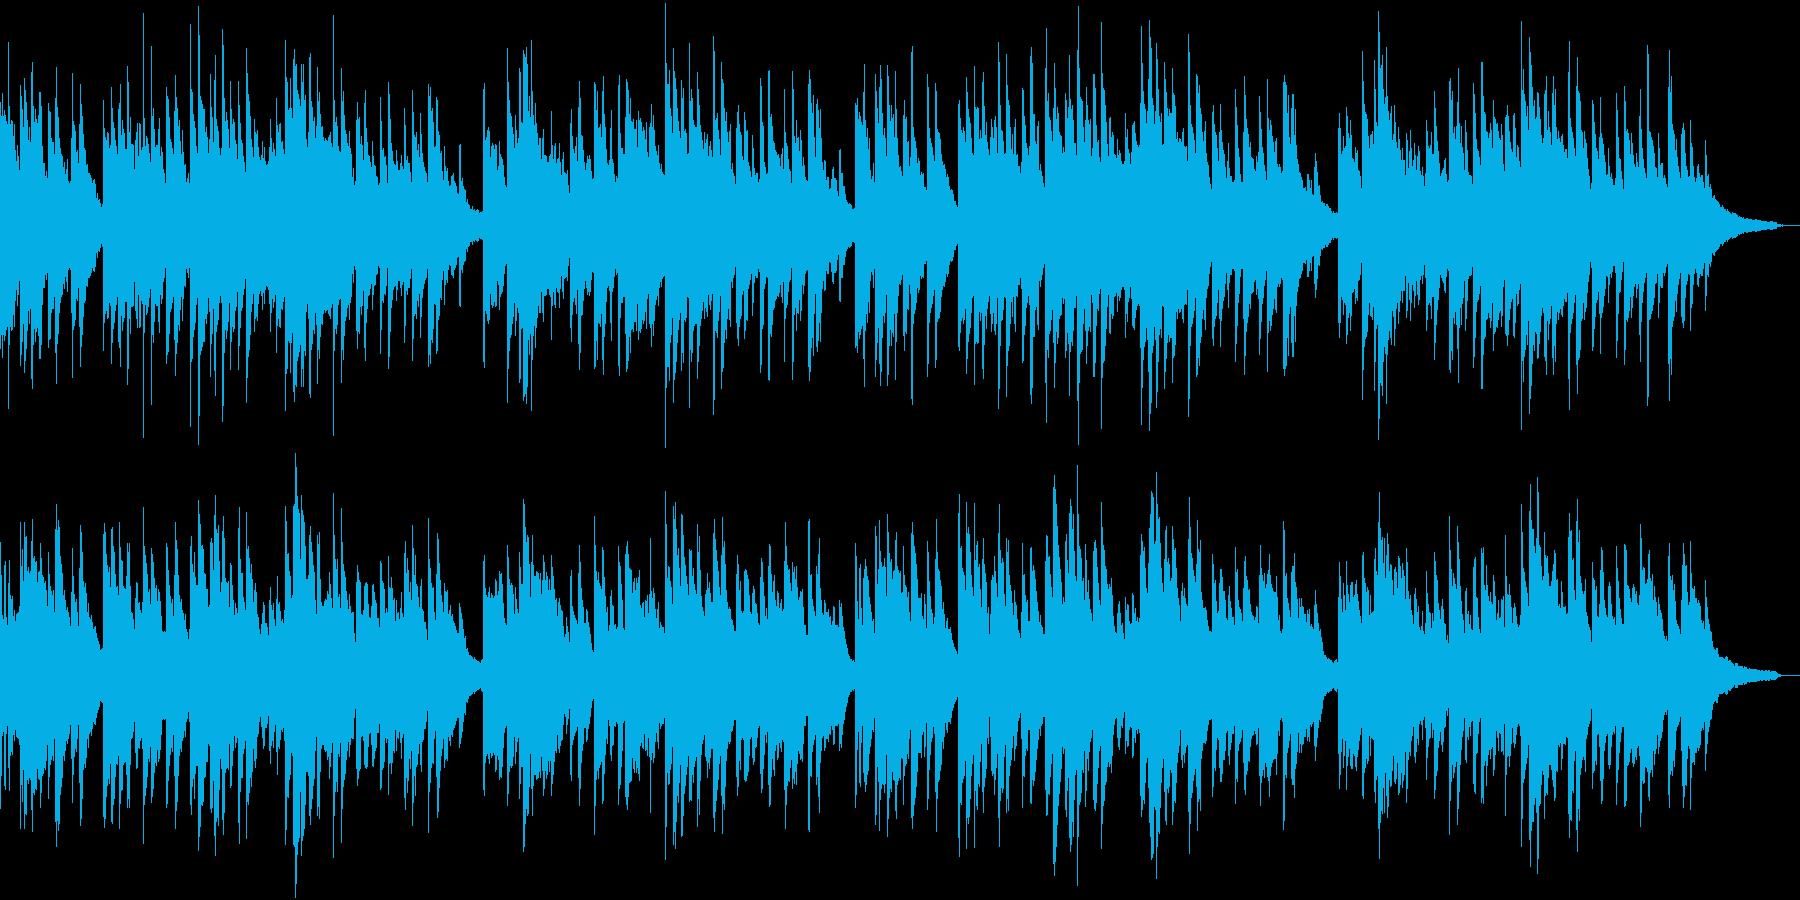 峠の我が家 ピアノ伴奏の再生済みの波形